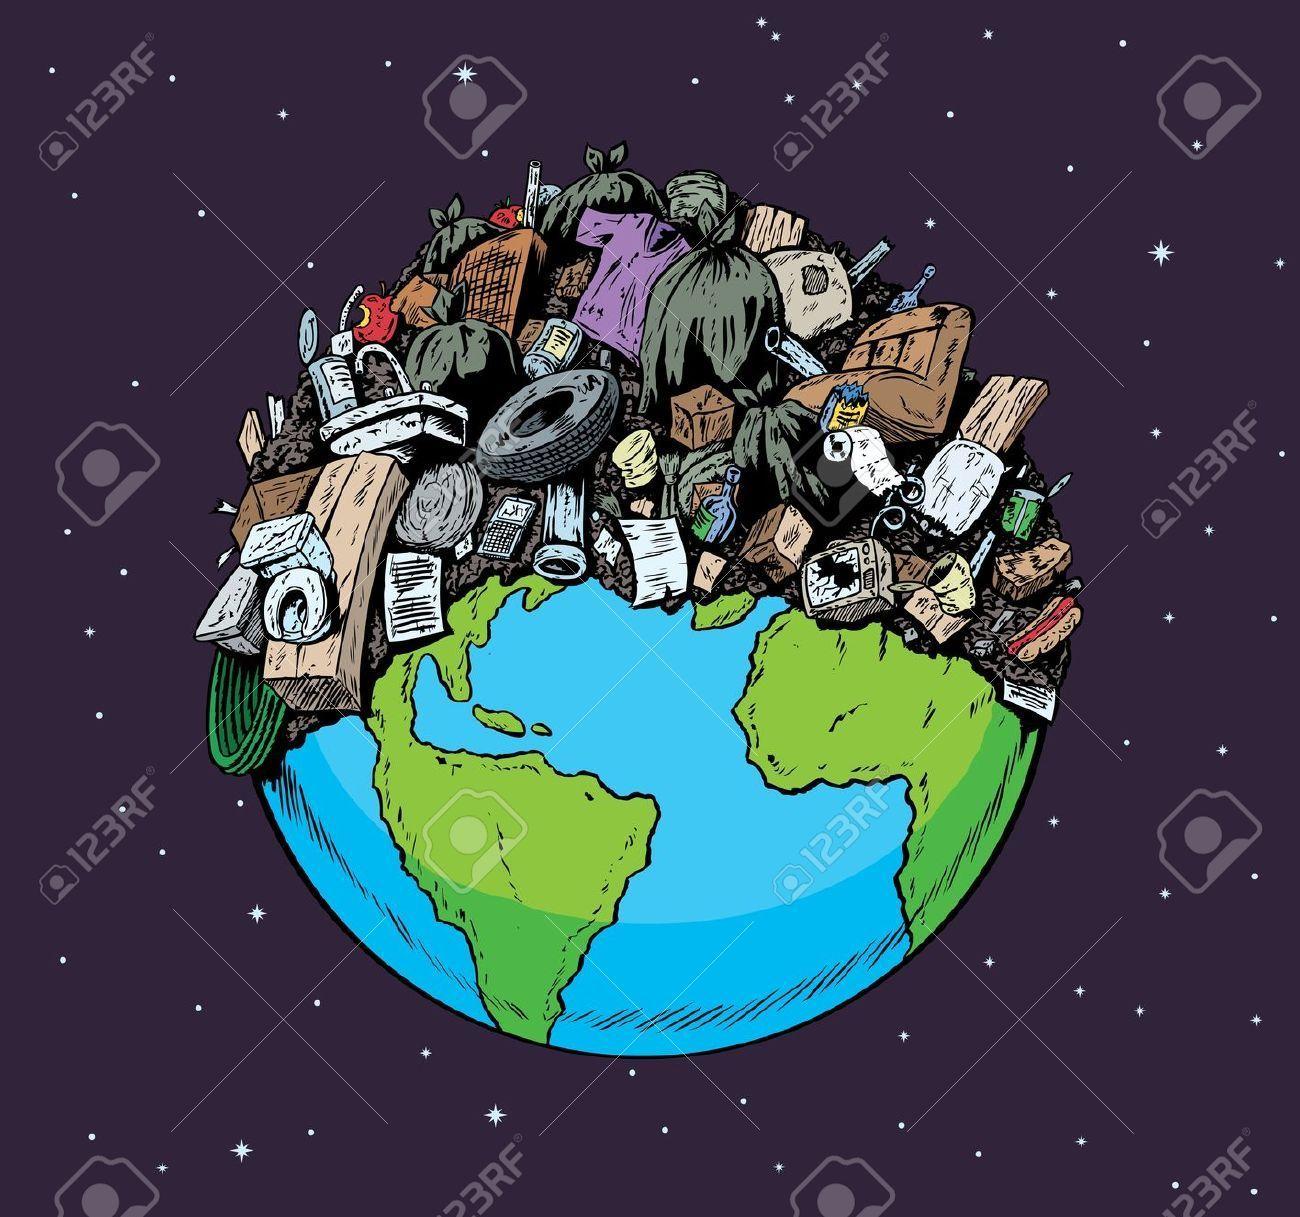 20628860 Planeta Contaminado Foto De Archivo Jpg 1300 1217 Imagenes Del Medio Ambiente Medio Ambiente Contaminado Arte Ambiental